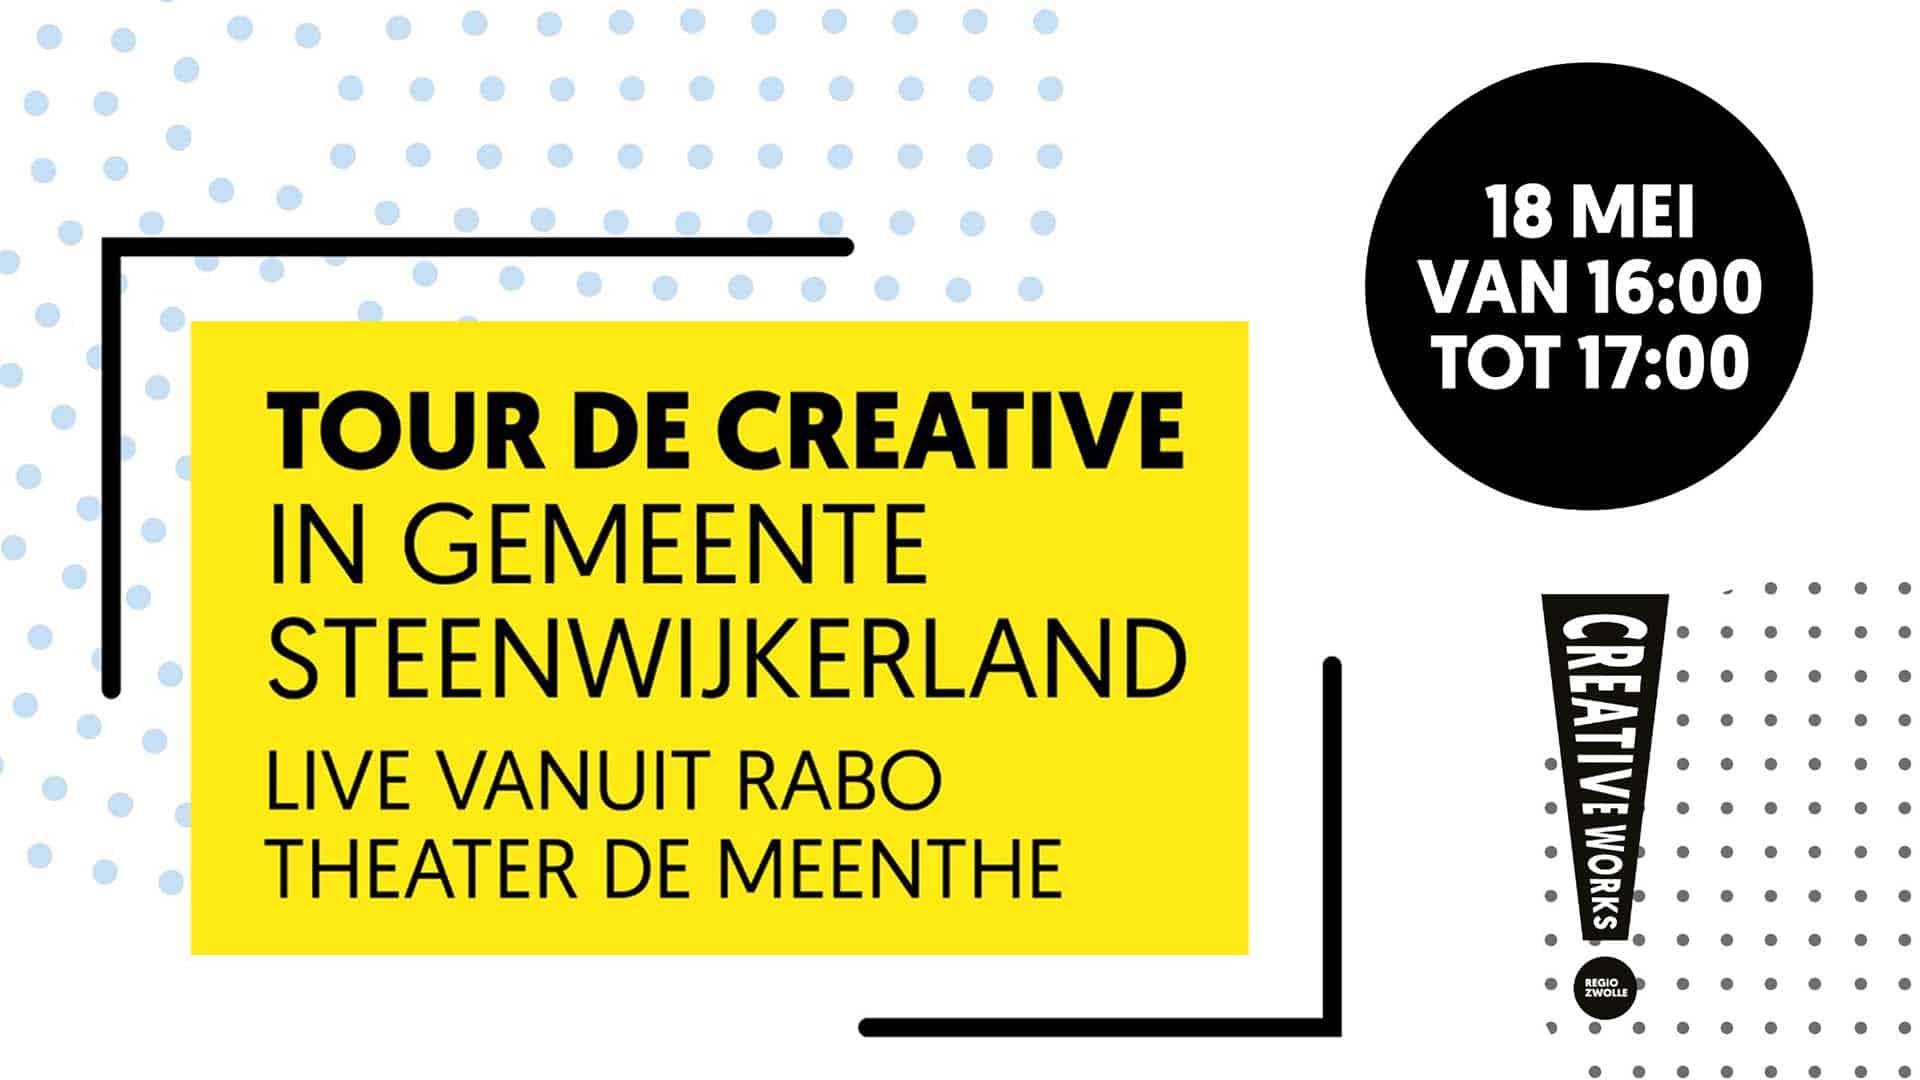 Tour de Creative